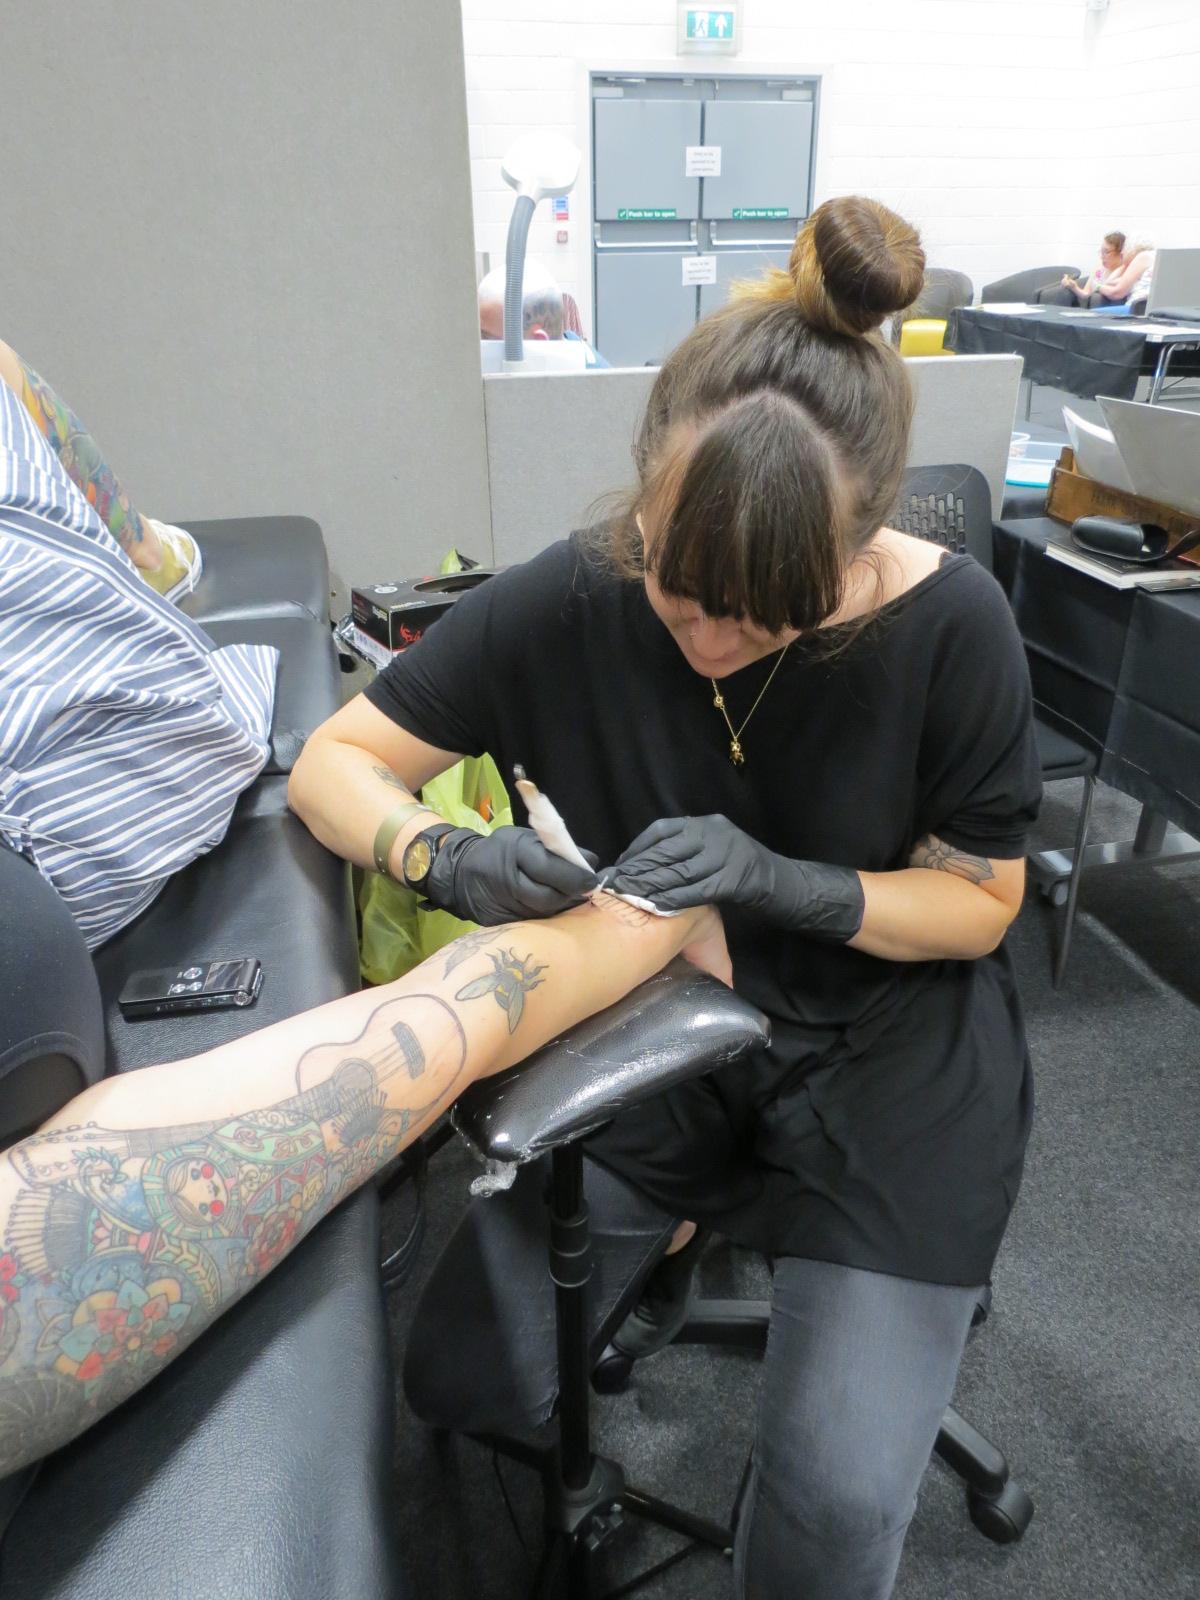 Sarah at work